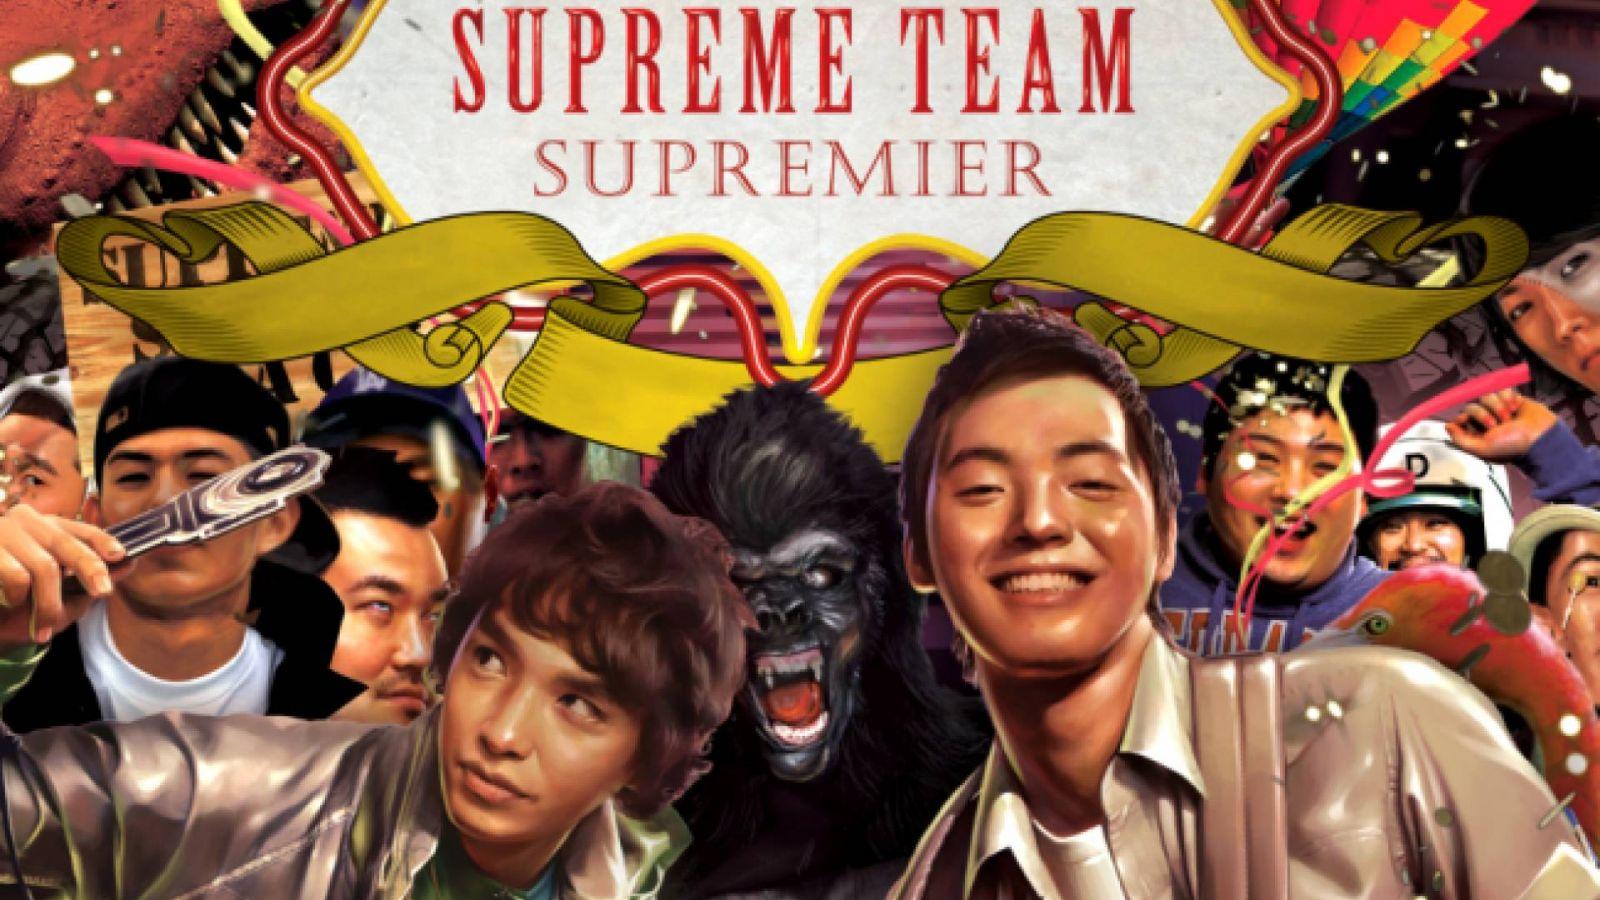 Classement des singles du 3 au 10 octobre © Supreme Team